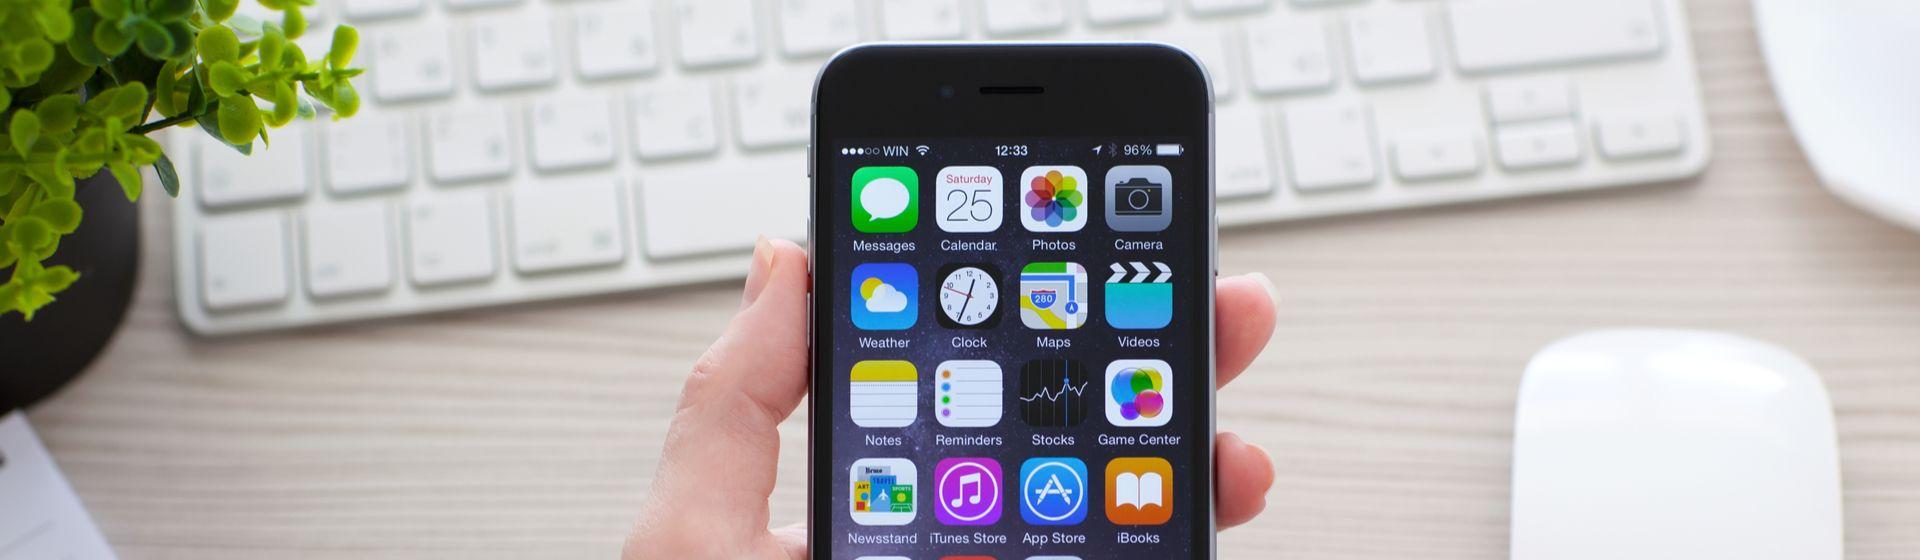 iPhone 6 vale a pena em 2020?